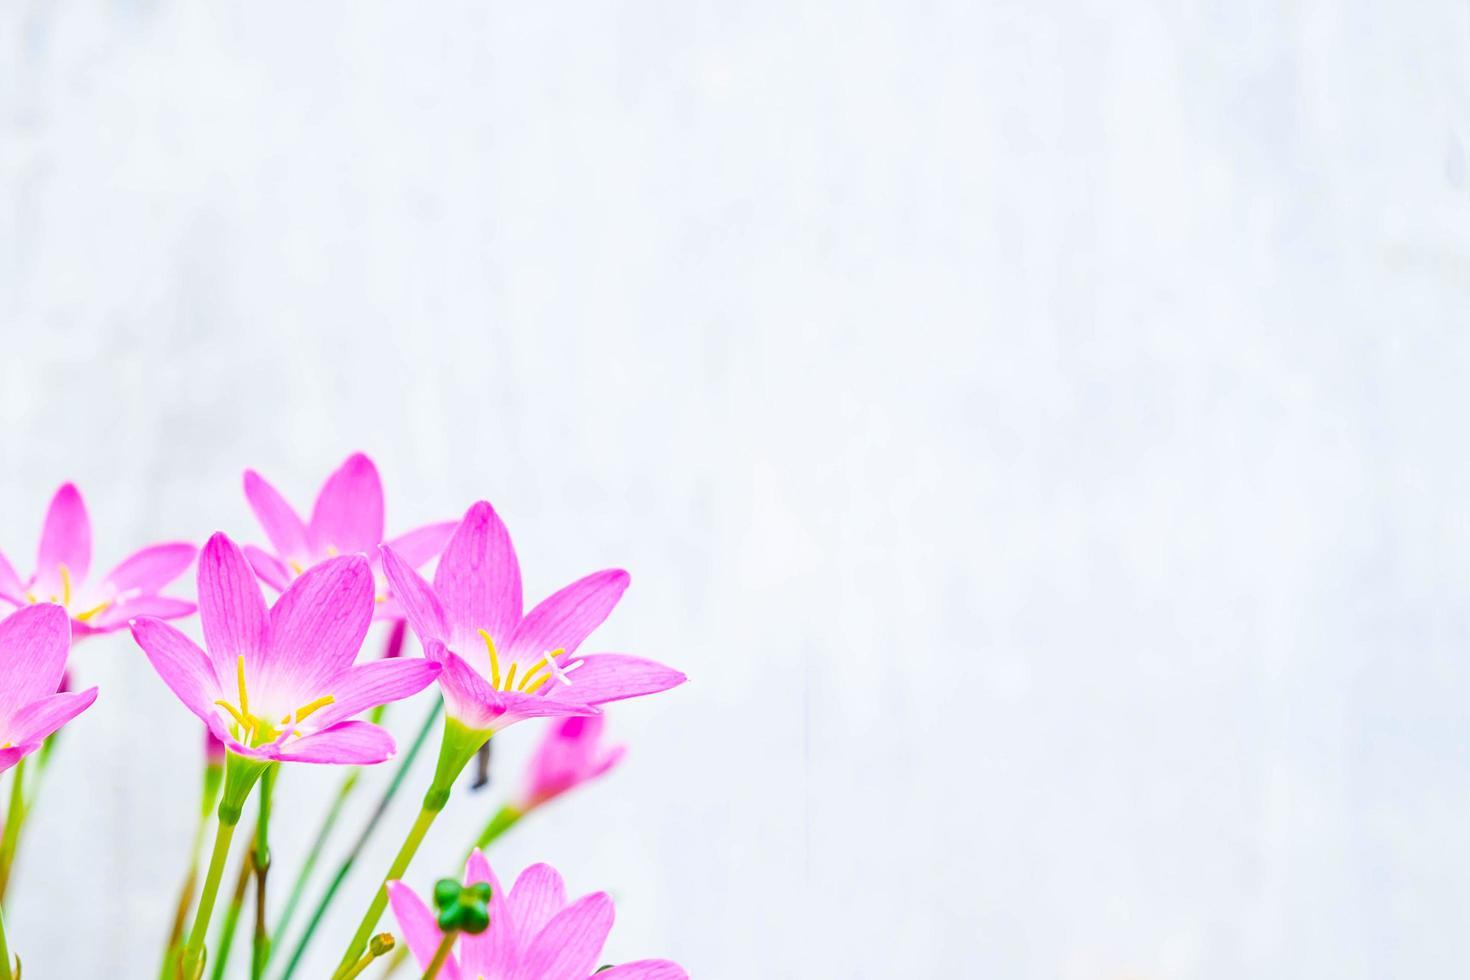 roze en paarse bloemen naast een blauwe muur foto